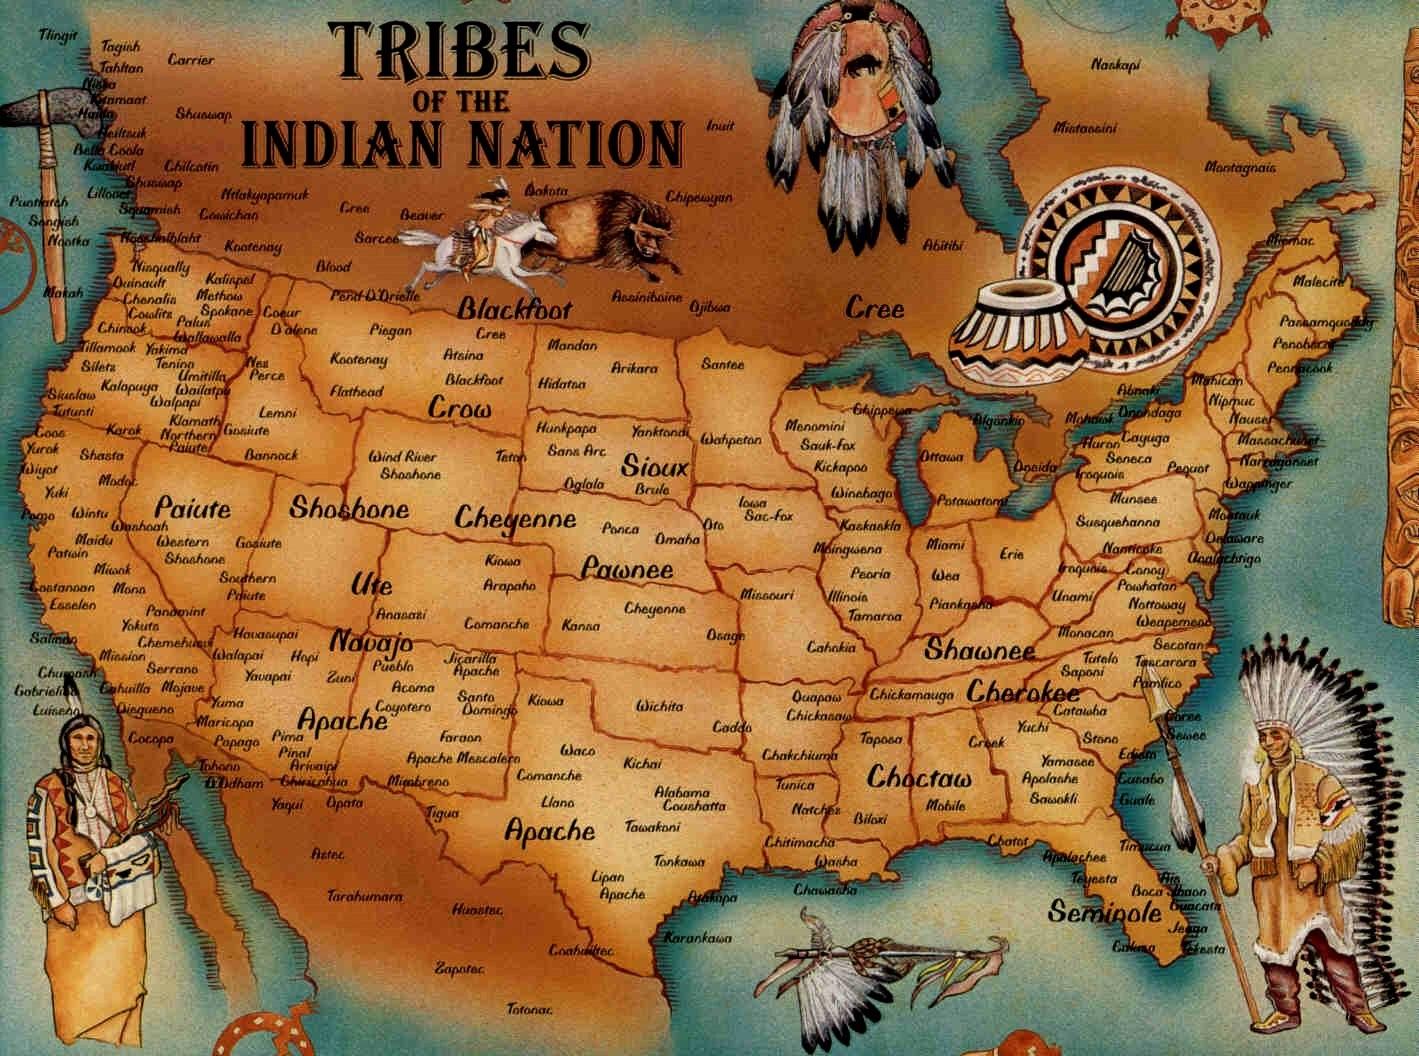 Intiaaniheimot